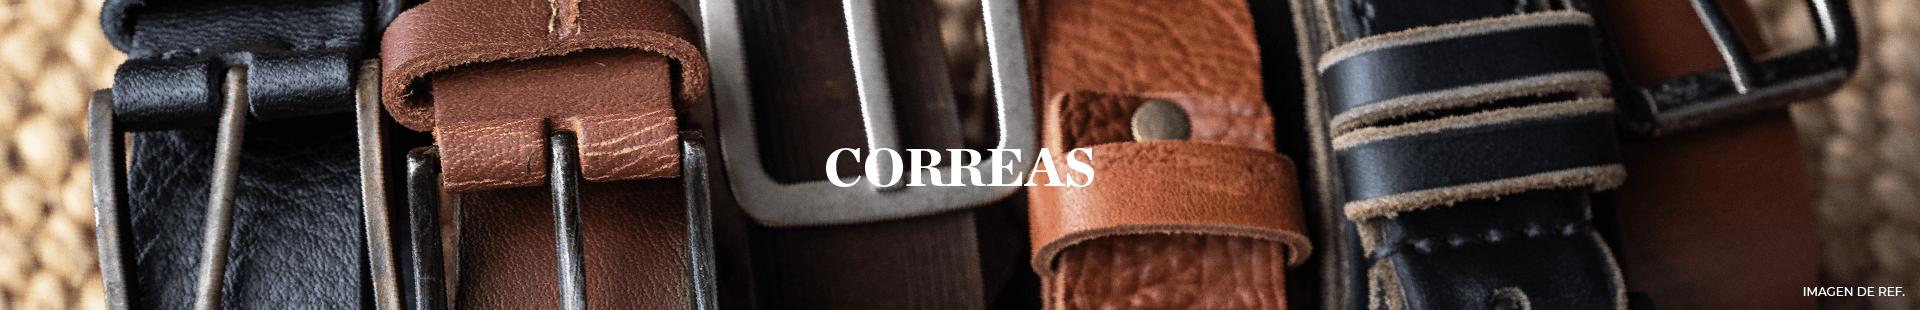 Correas Mujer